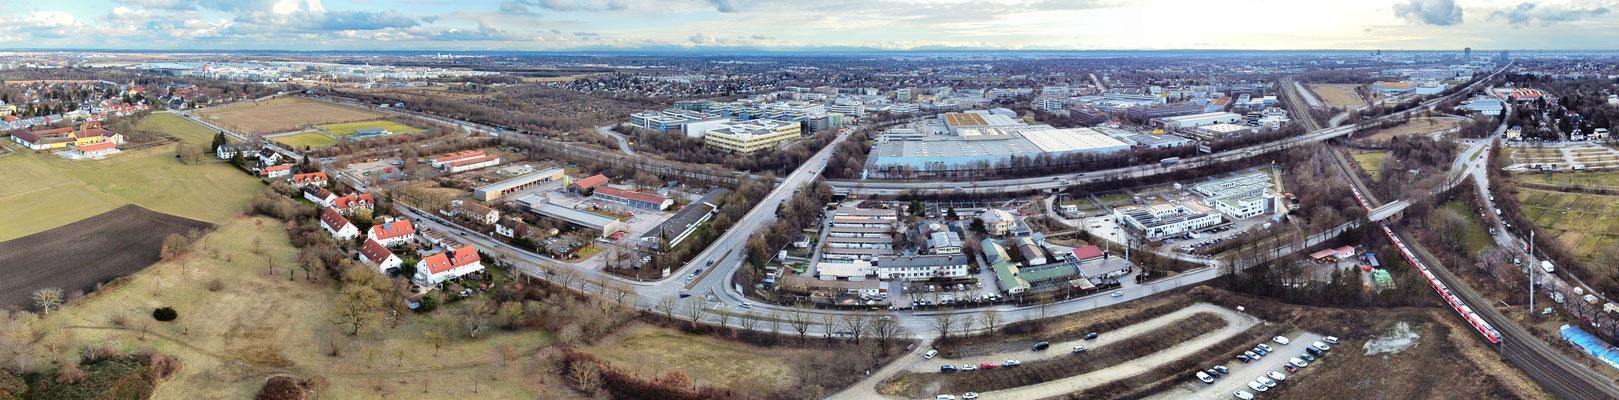 Panorama - Drohnenfoto - München - Riem